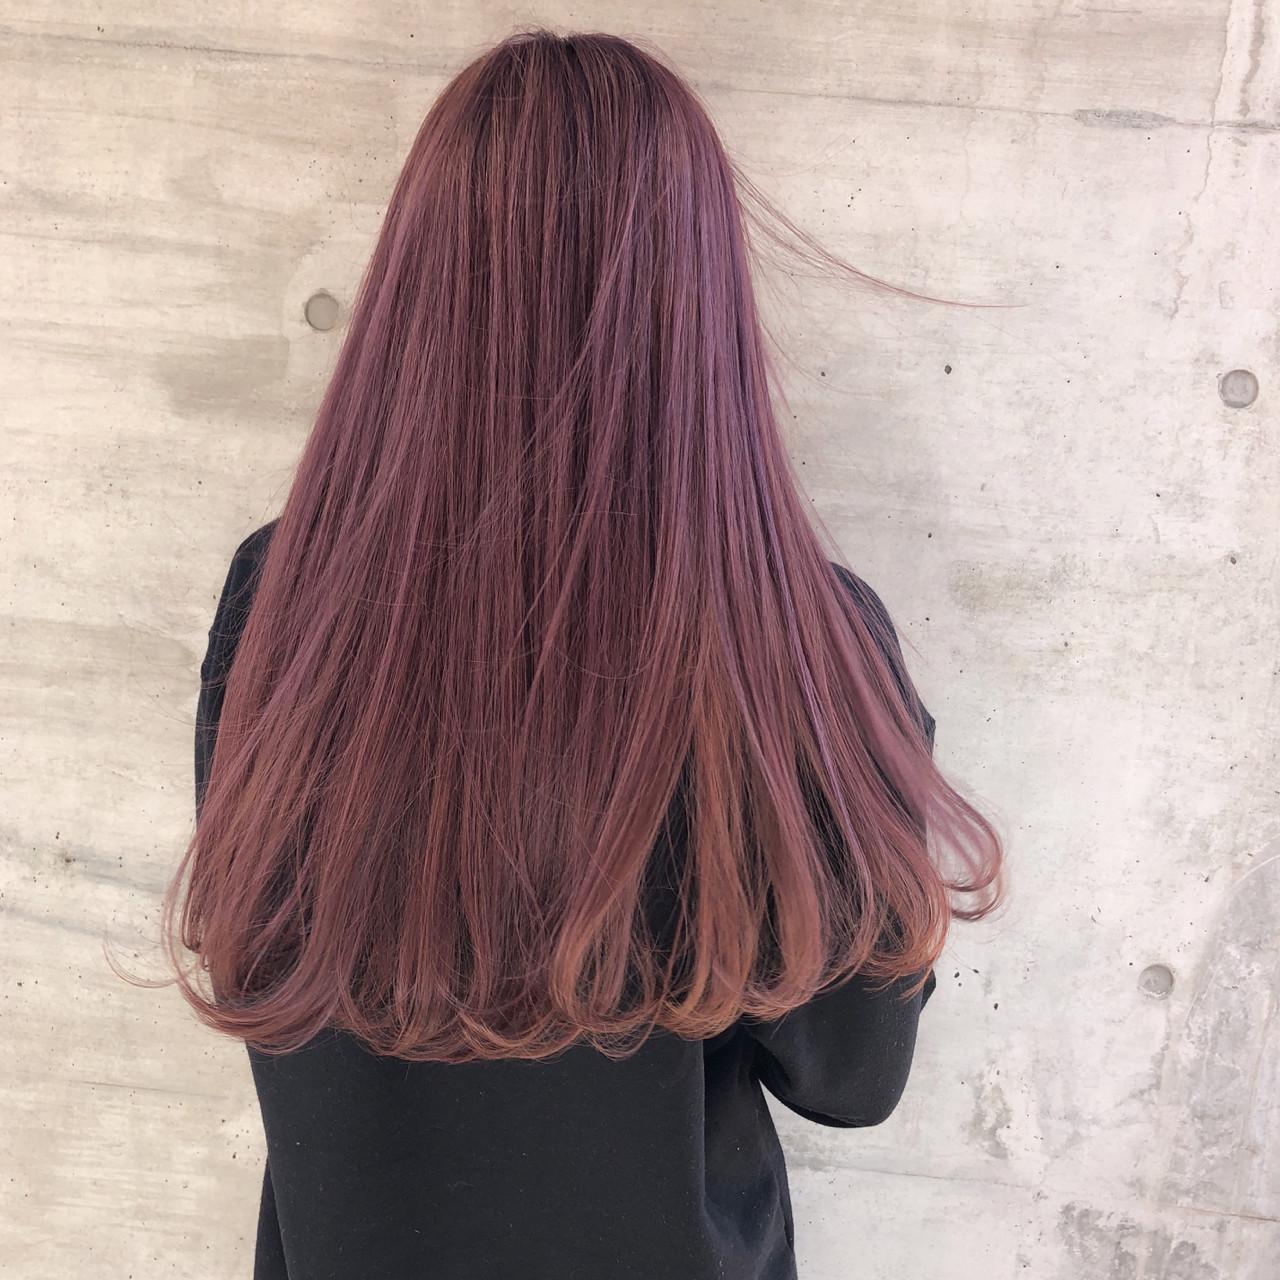 透明感 ピンク ピンクアッシュ グラデーションカラー ヘアスタイルや髪型の写真・画像